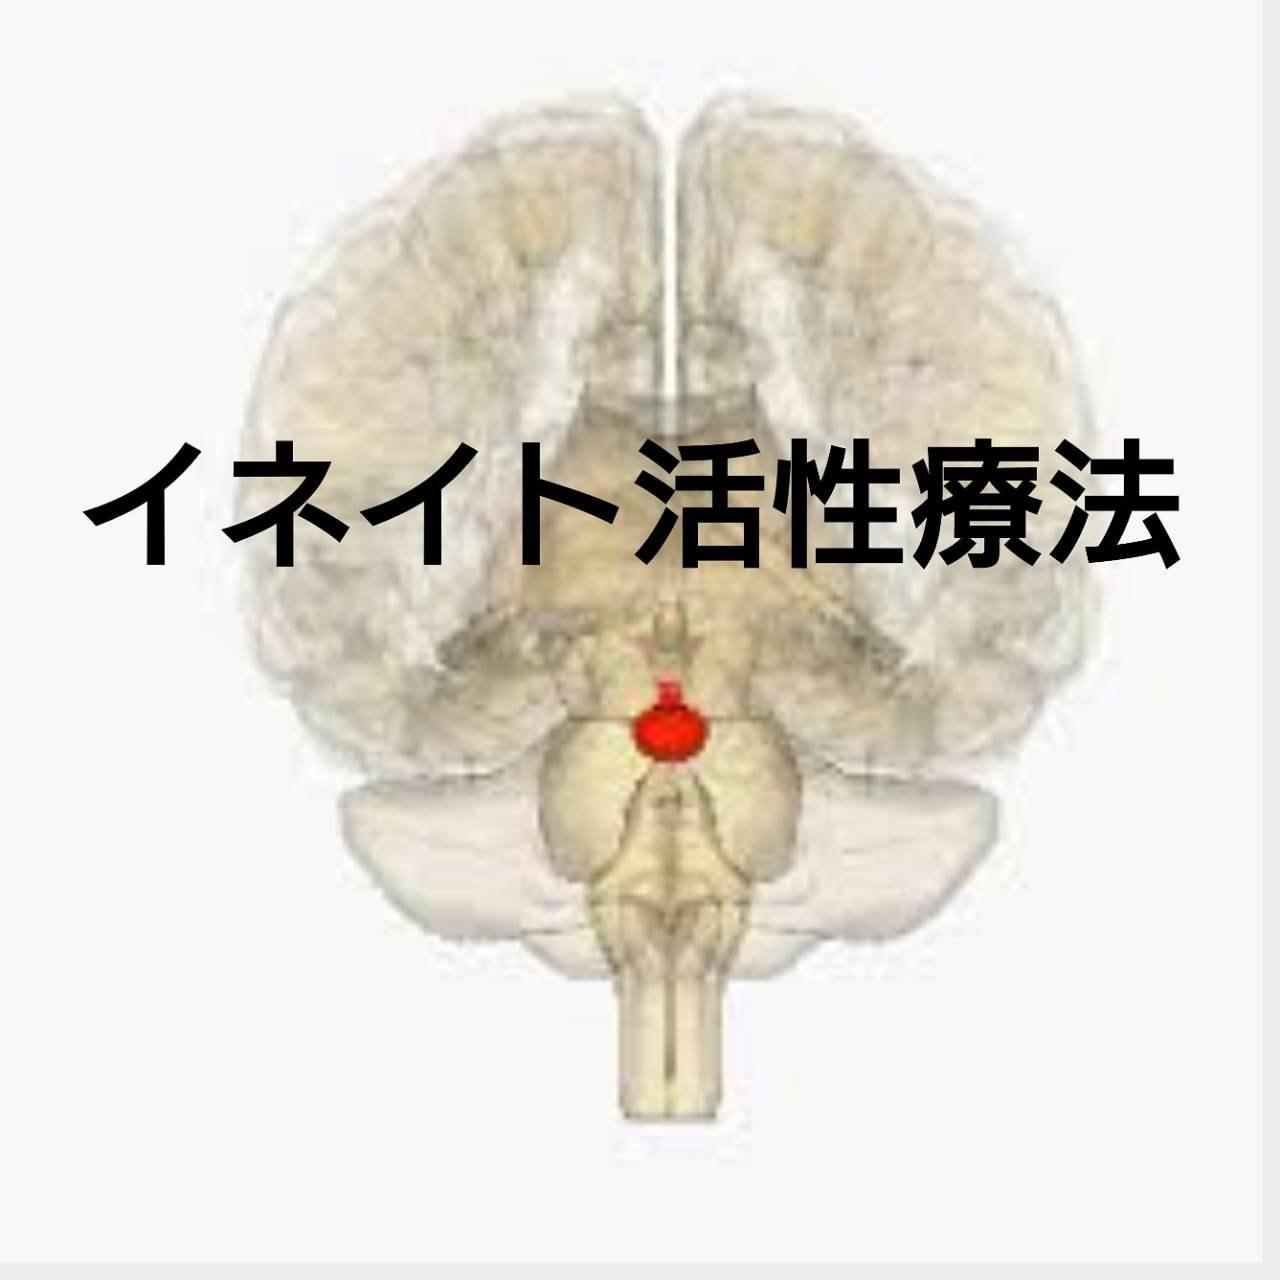 イネイト活性療法初回のイメージその1